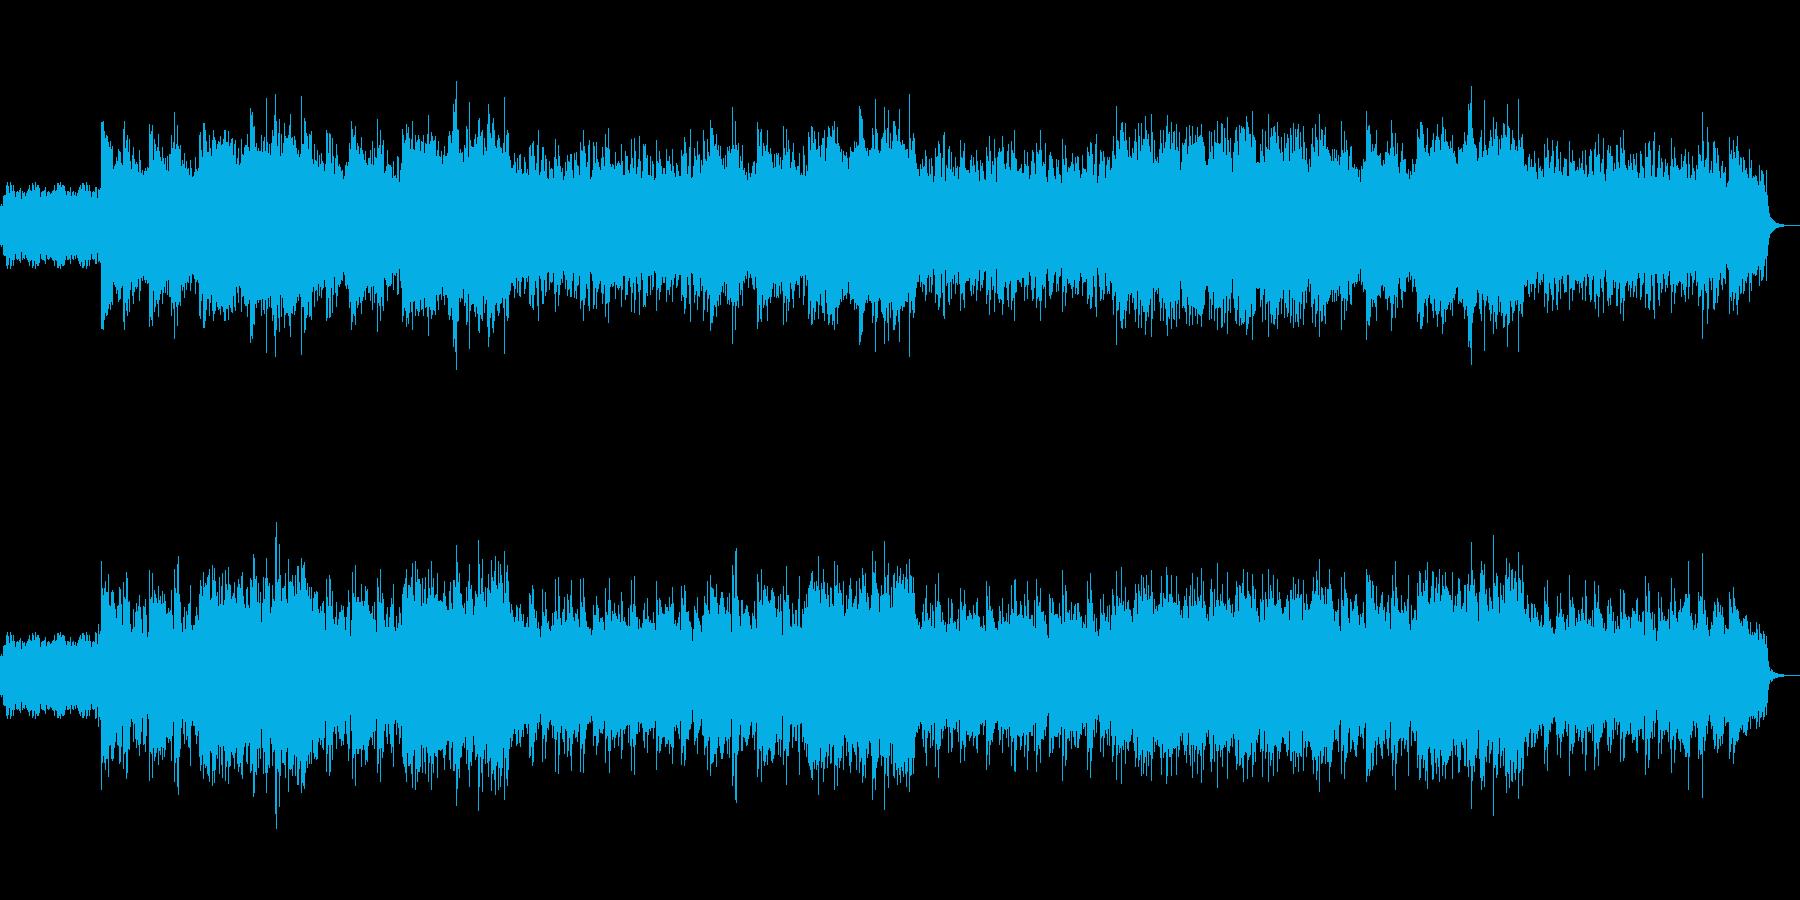 ストリングスとシロフォンによる壮大な曲の再生済みの波形